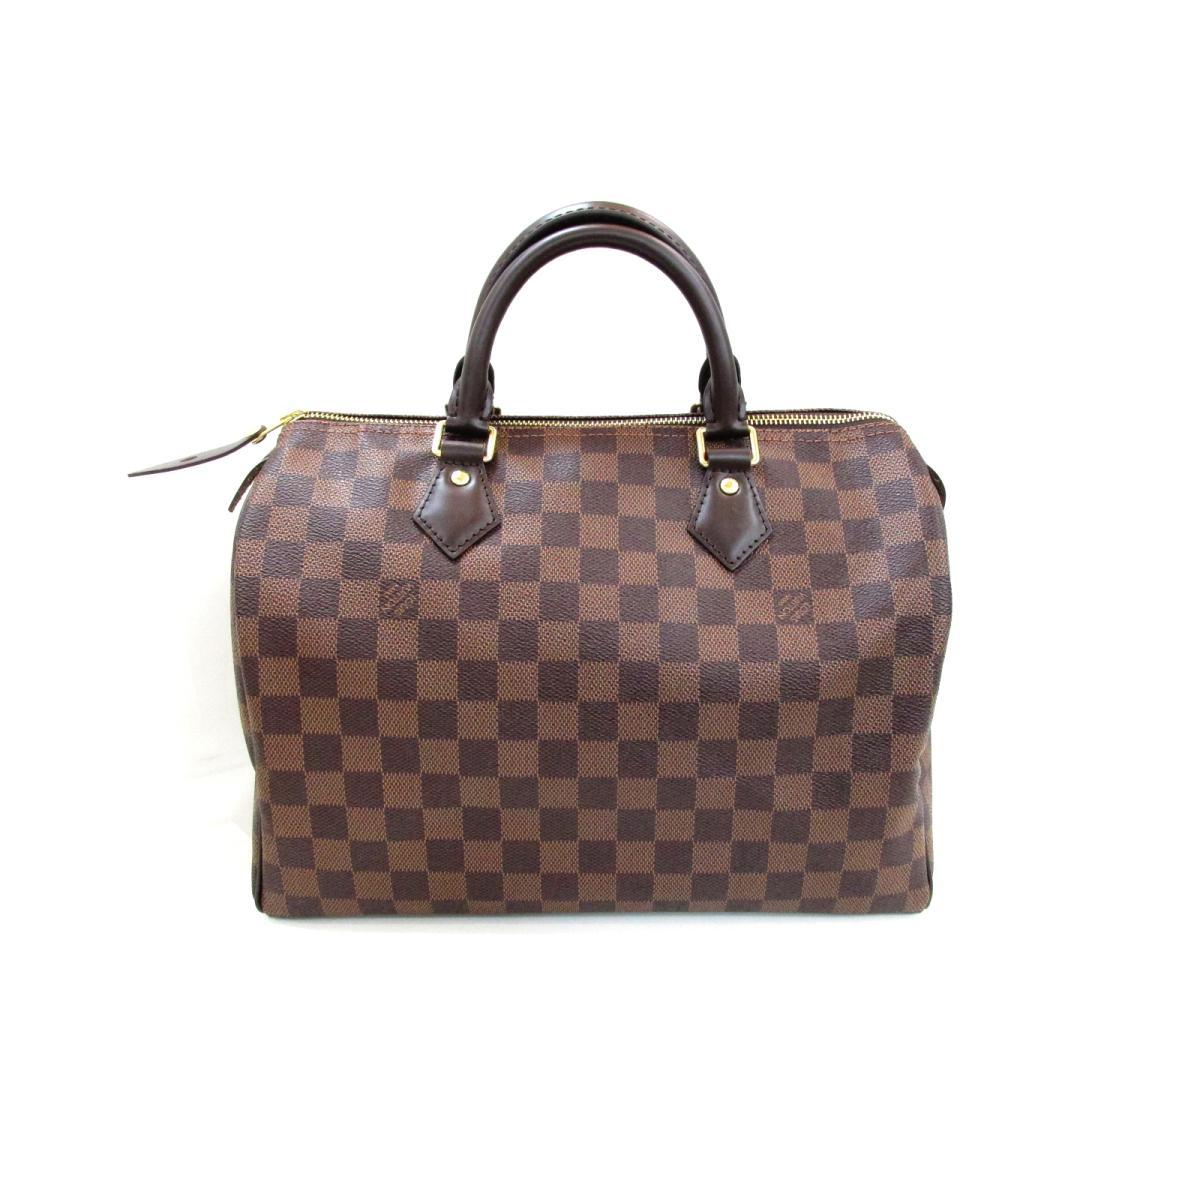 1eb871b99730 ... LOUIS VUITTON ヴィトン ビトン ルイ·ヴィトン ハンドバック バッグ バック BAG かばん 鞄 ブランドバッグ ブランドバック  美品 ブランドオフ BRANDOFF